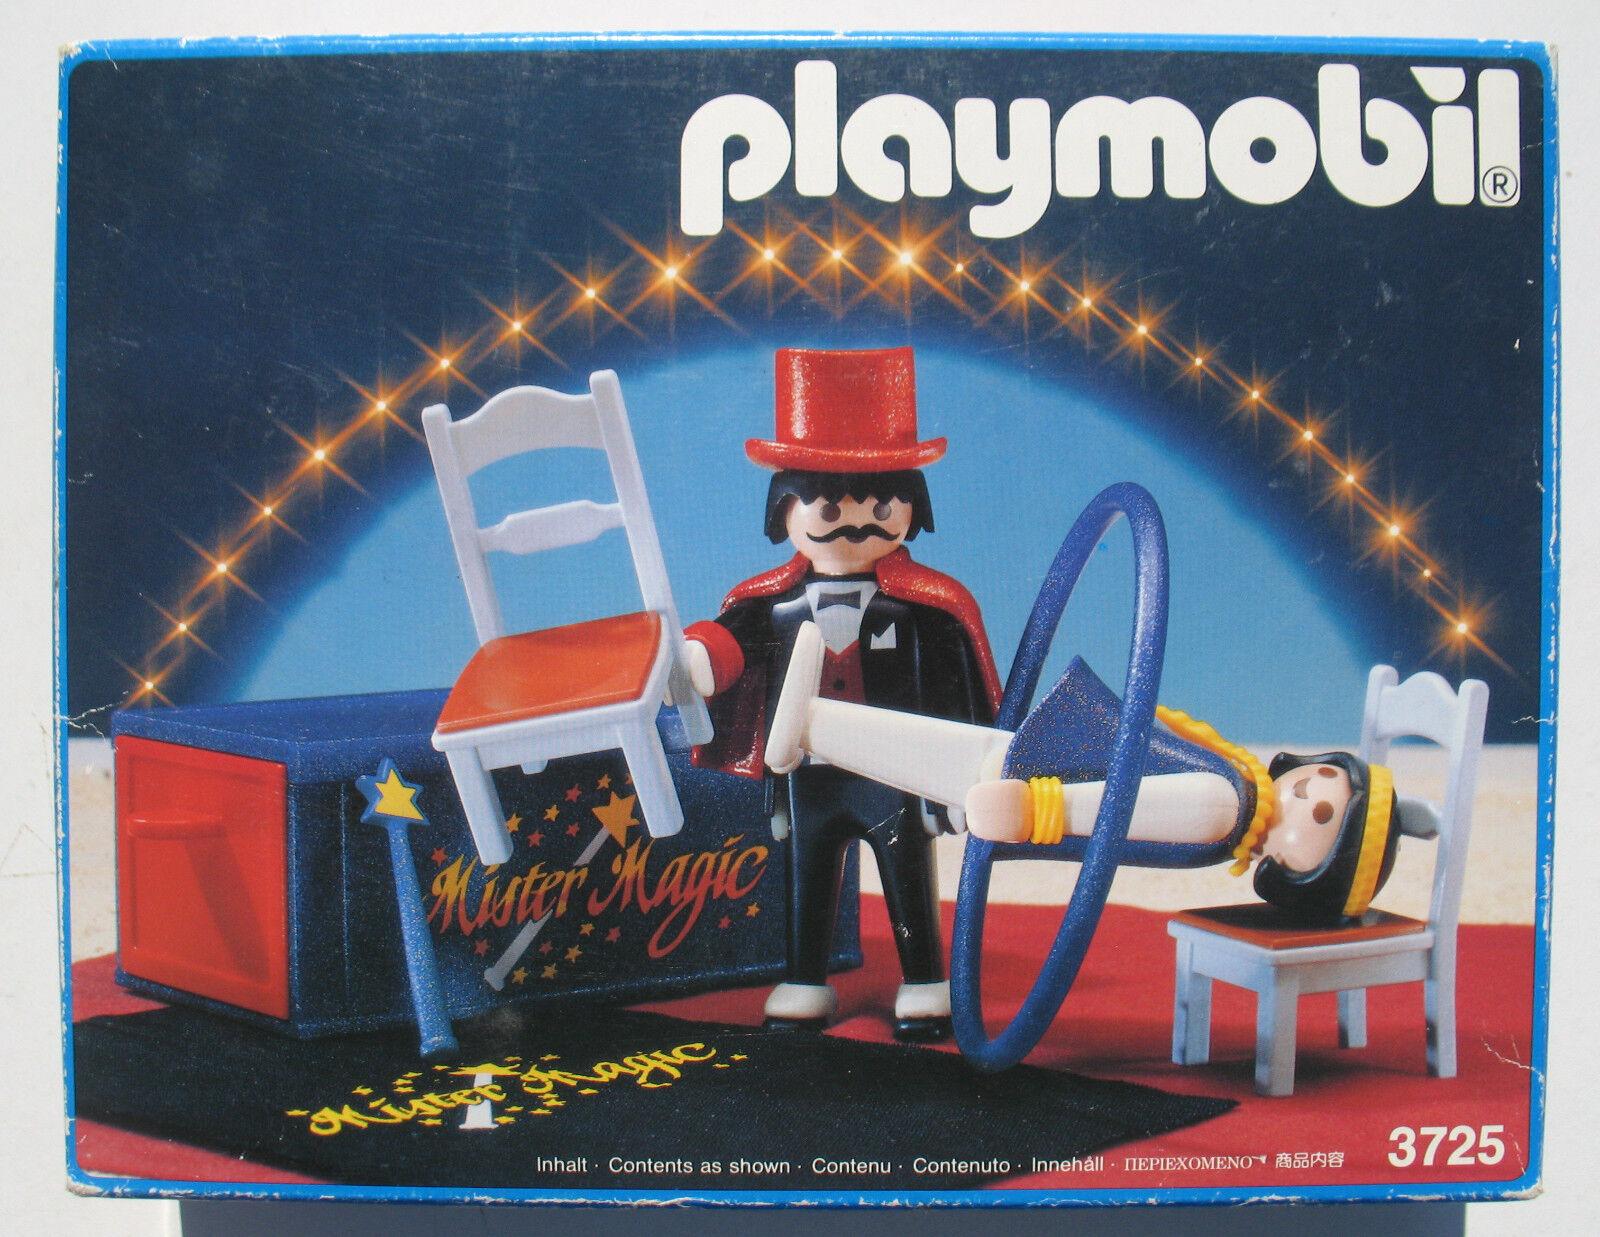 PLAYMOBIL 3725-Circo Mago mago-Circus MR MAGIC - 1991-NUOVO-NEW MISB